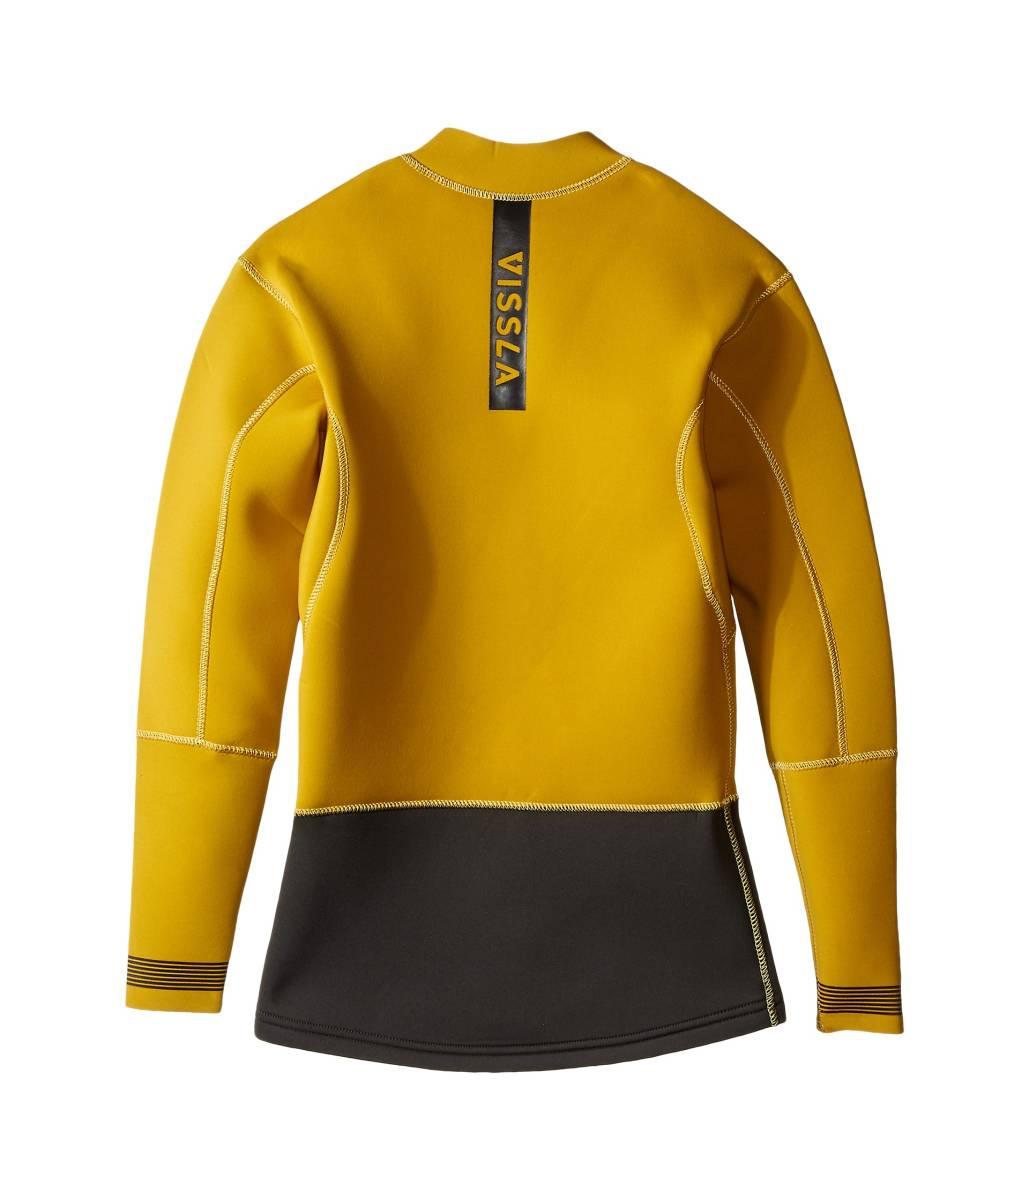 新品 VISSLA ヴィスラ 2mm Gold Size:M VISSLA Wetsuit Jacket Front Zip Gold_画像3